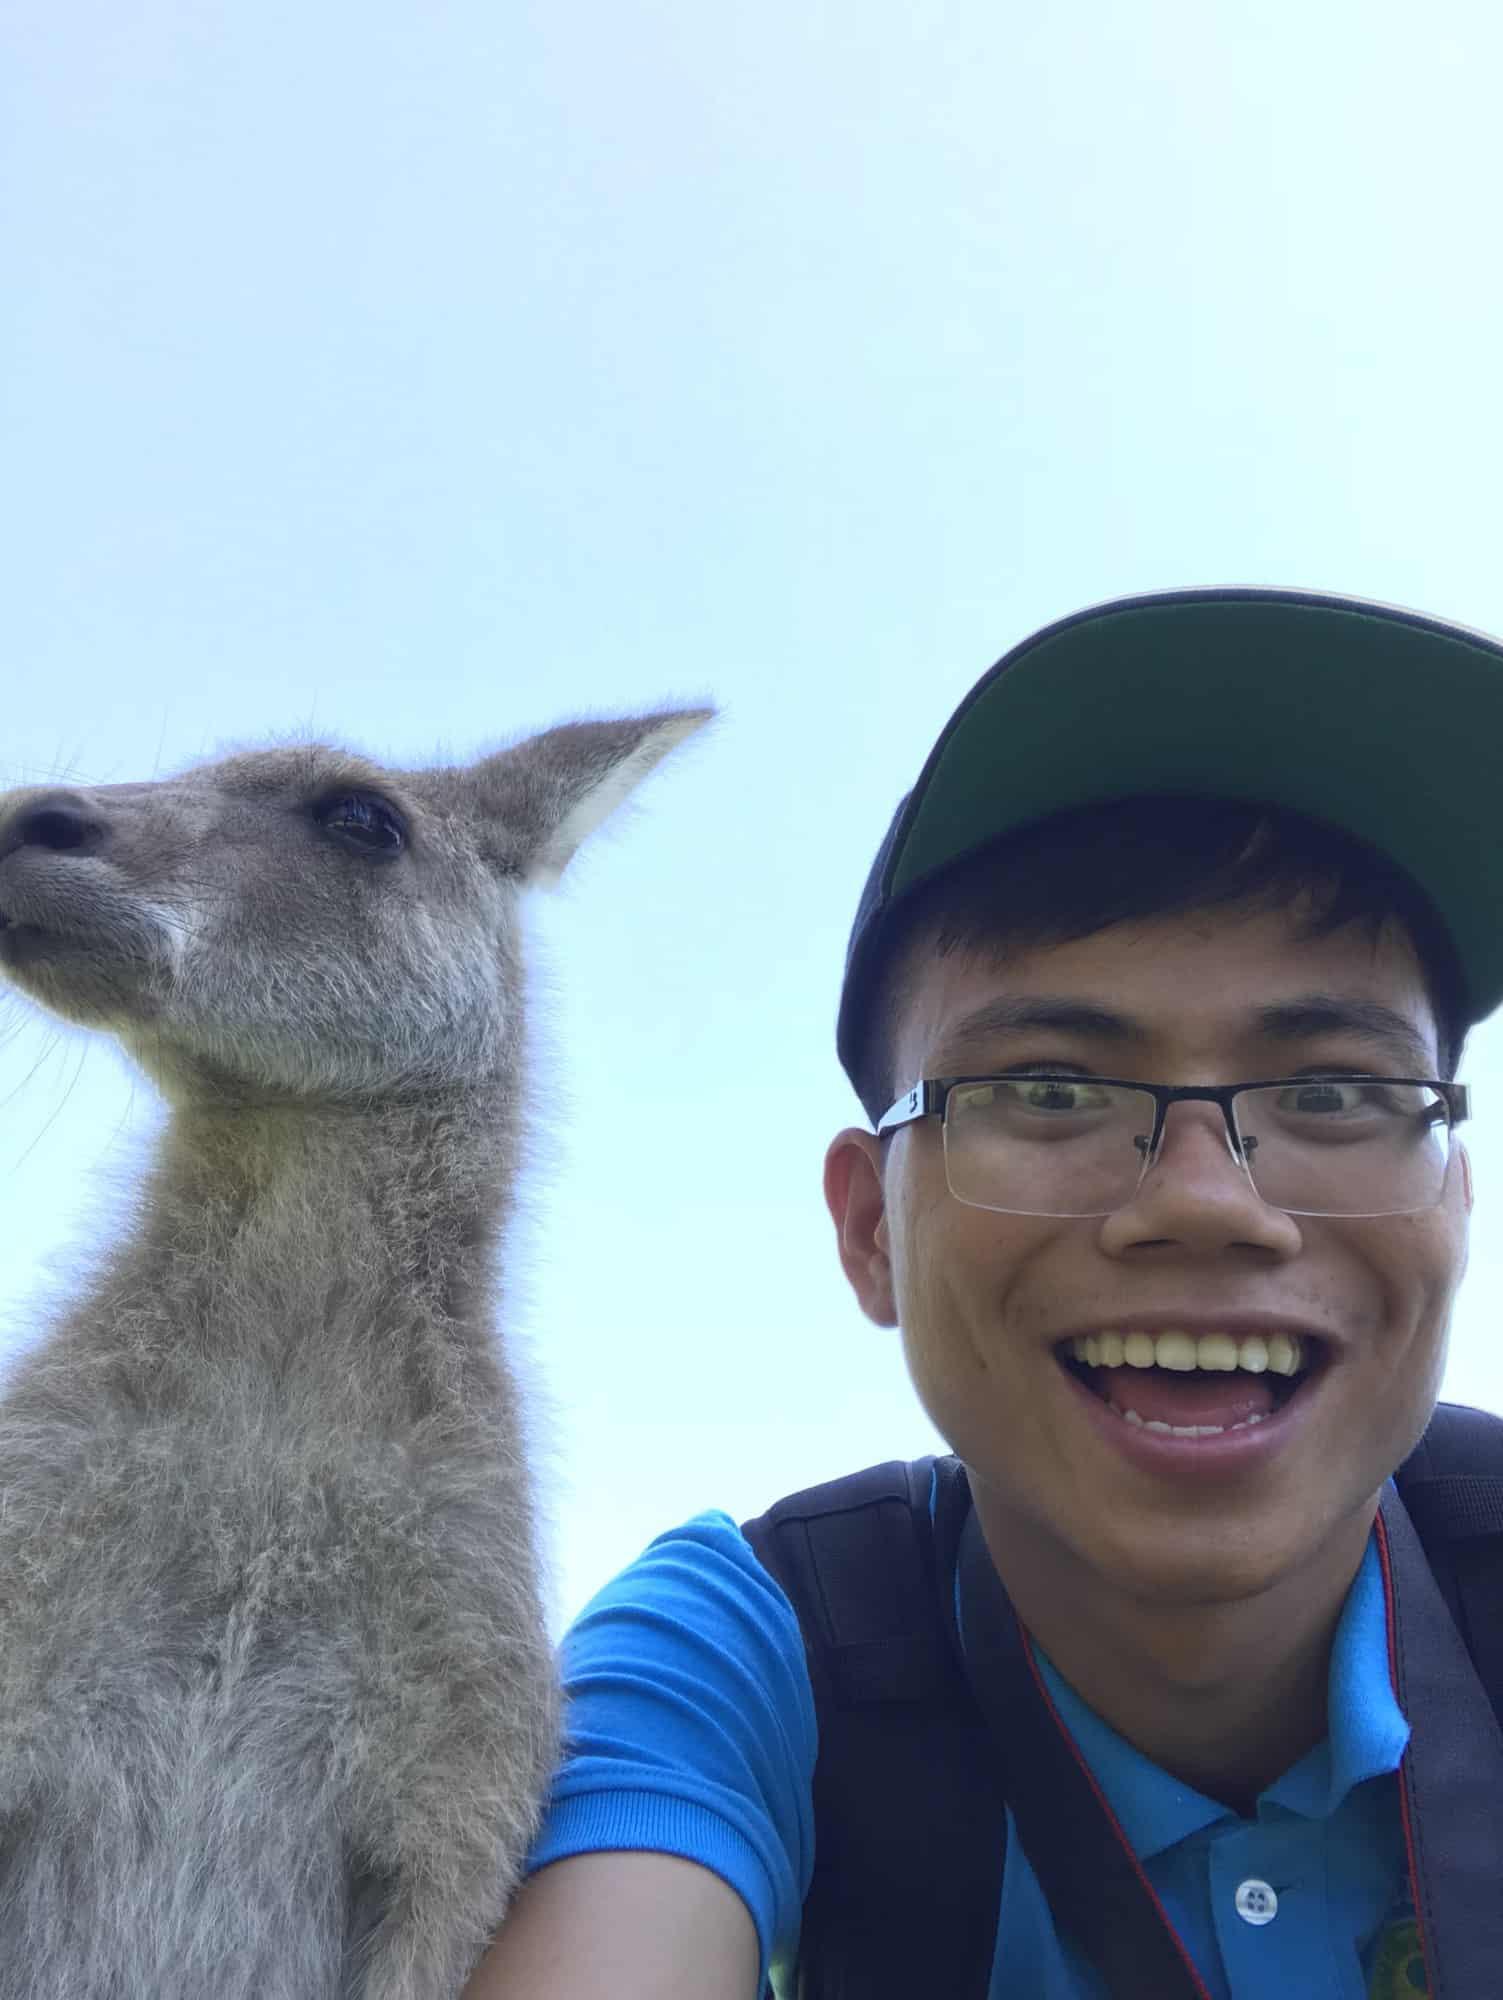 Bỏ học đi bán mắm cá, ở nhà tự học tiếng Anh, chàng trai Quảng Trị nhận học bổng du học Úc - Ảnh 8.